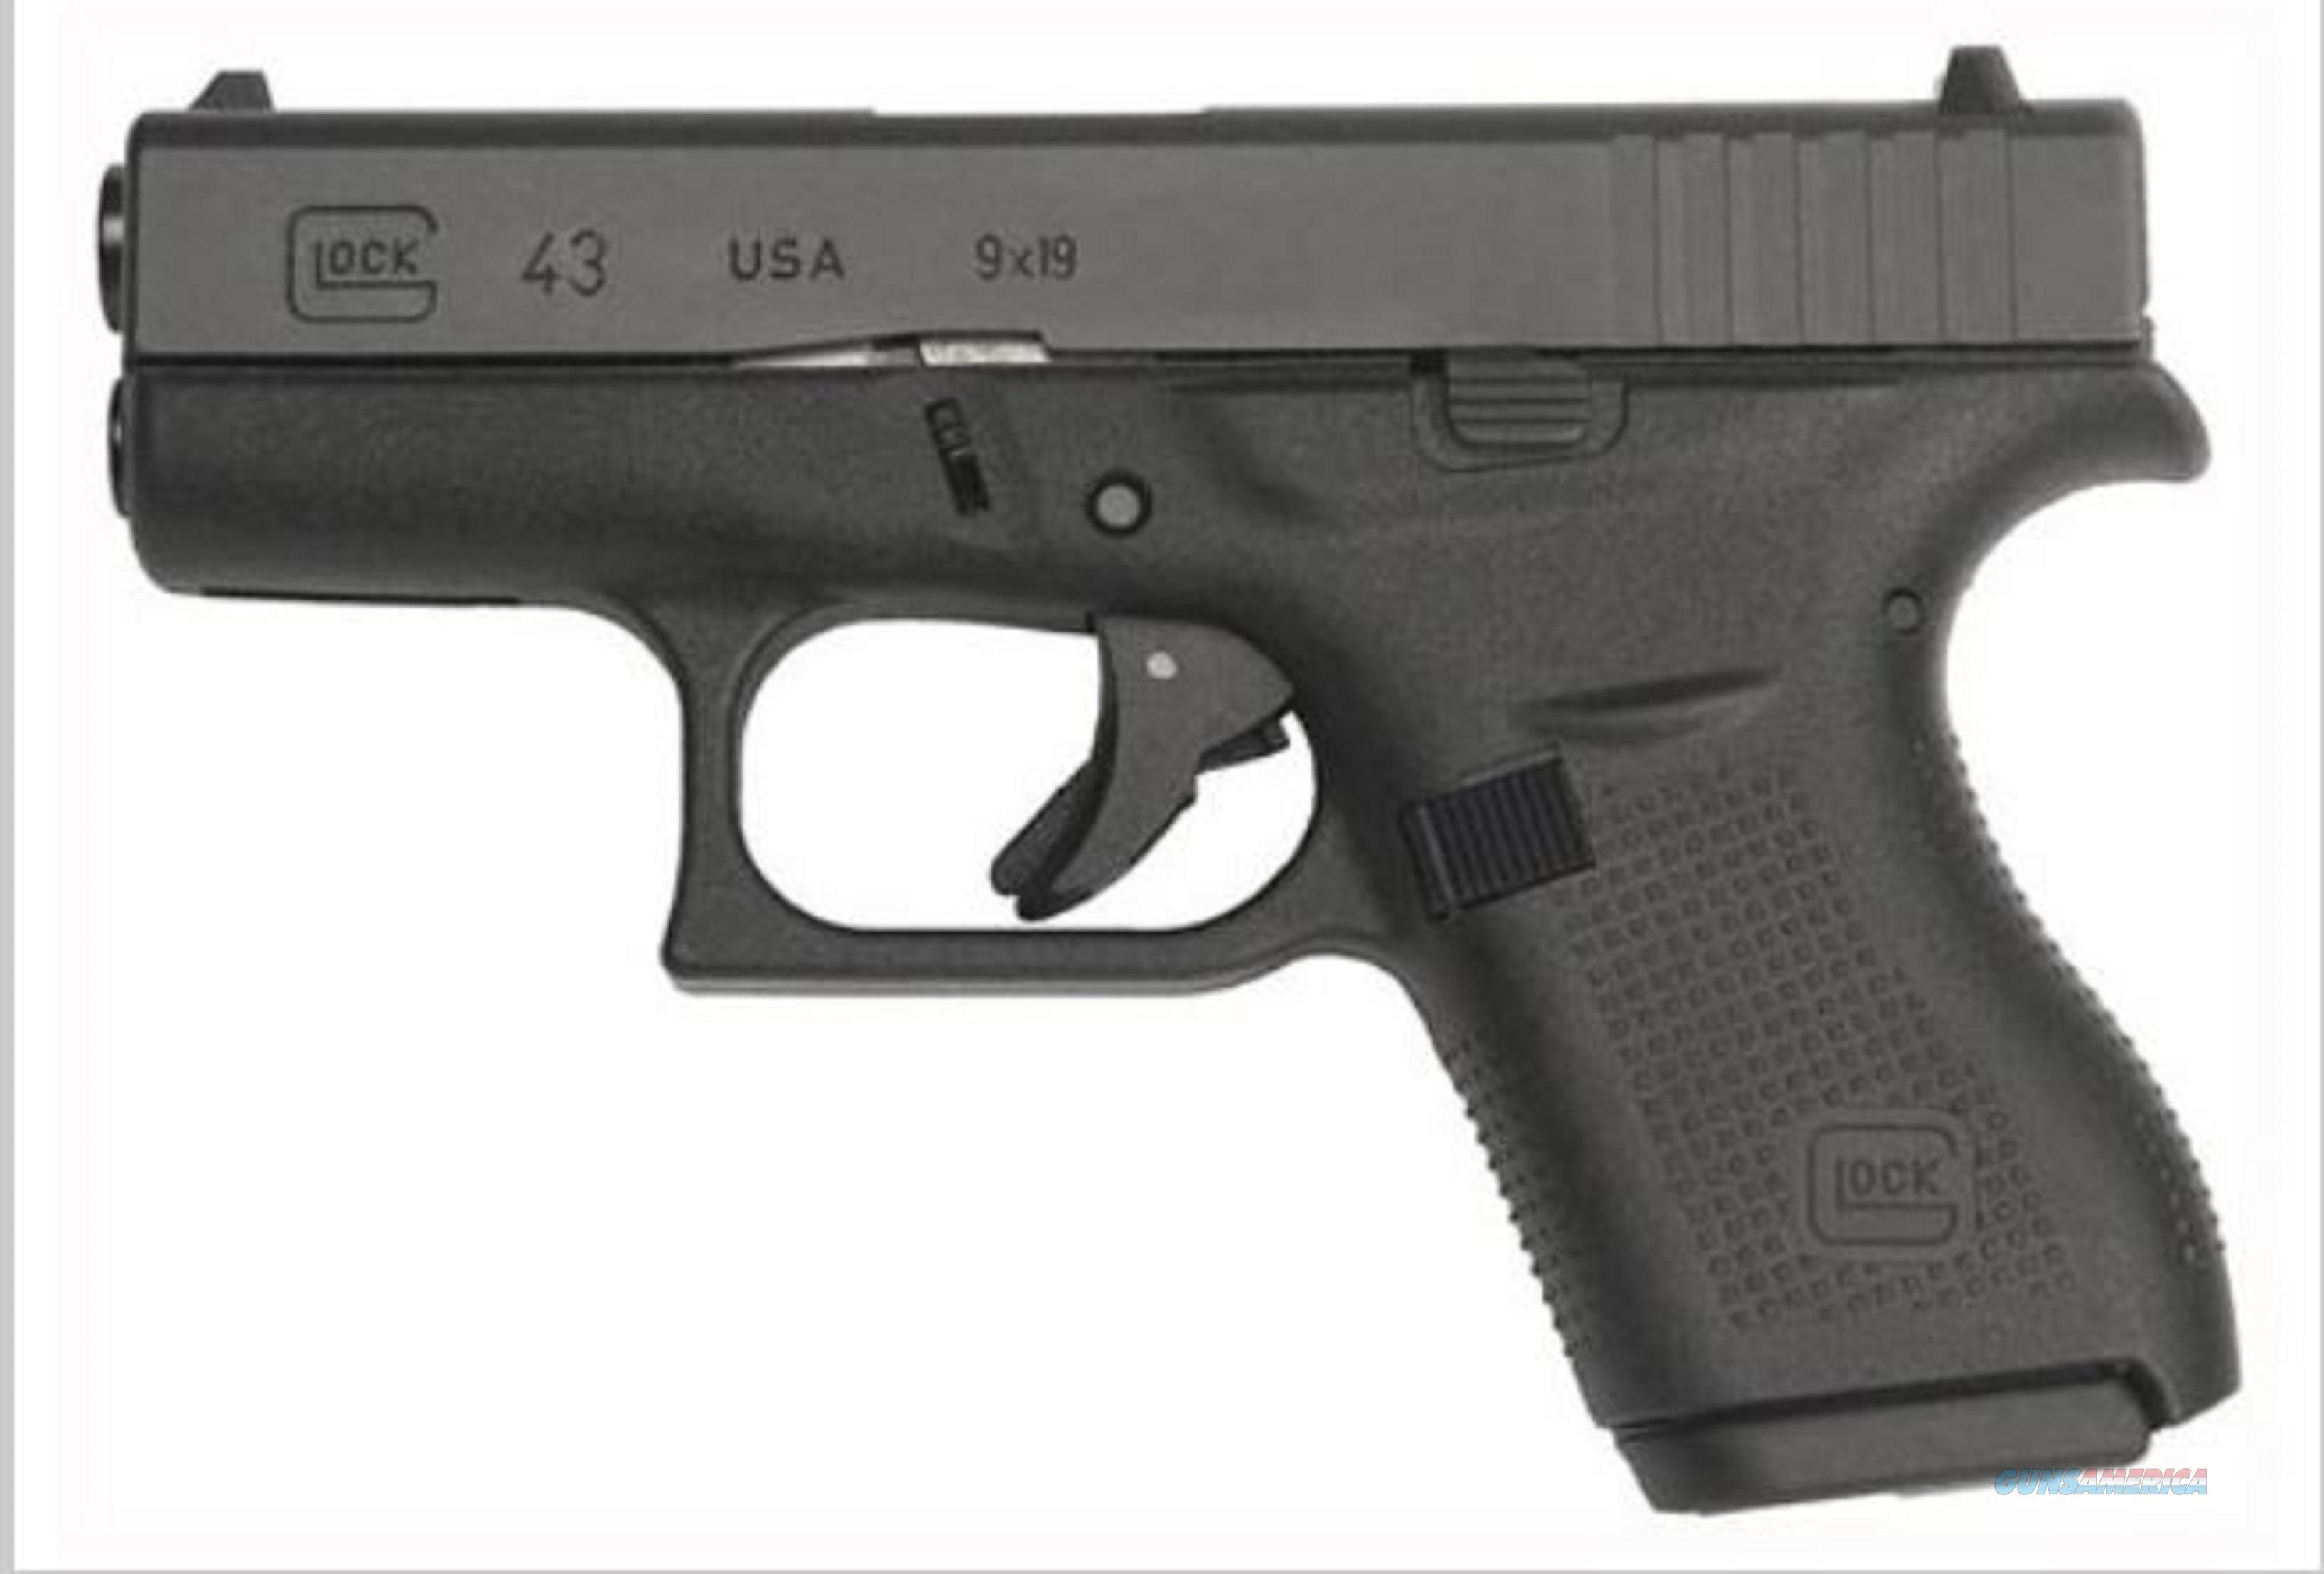 GLOCK 43 9MM LUGER FS 6 SHOT BLACK - NEW IN BOX  Guns > Pistols > Glock Pistols > 43/43X